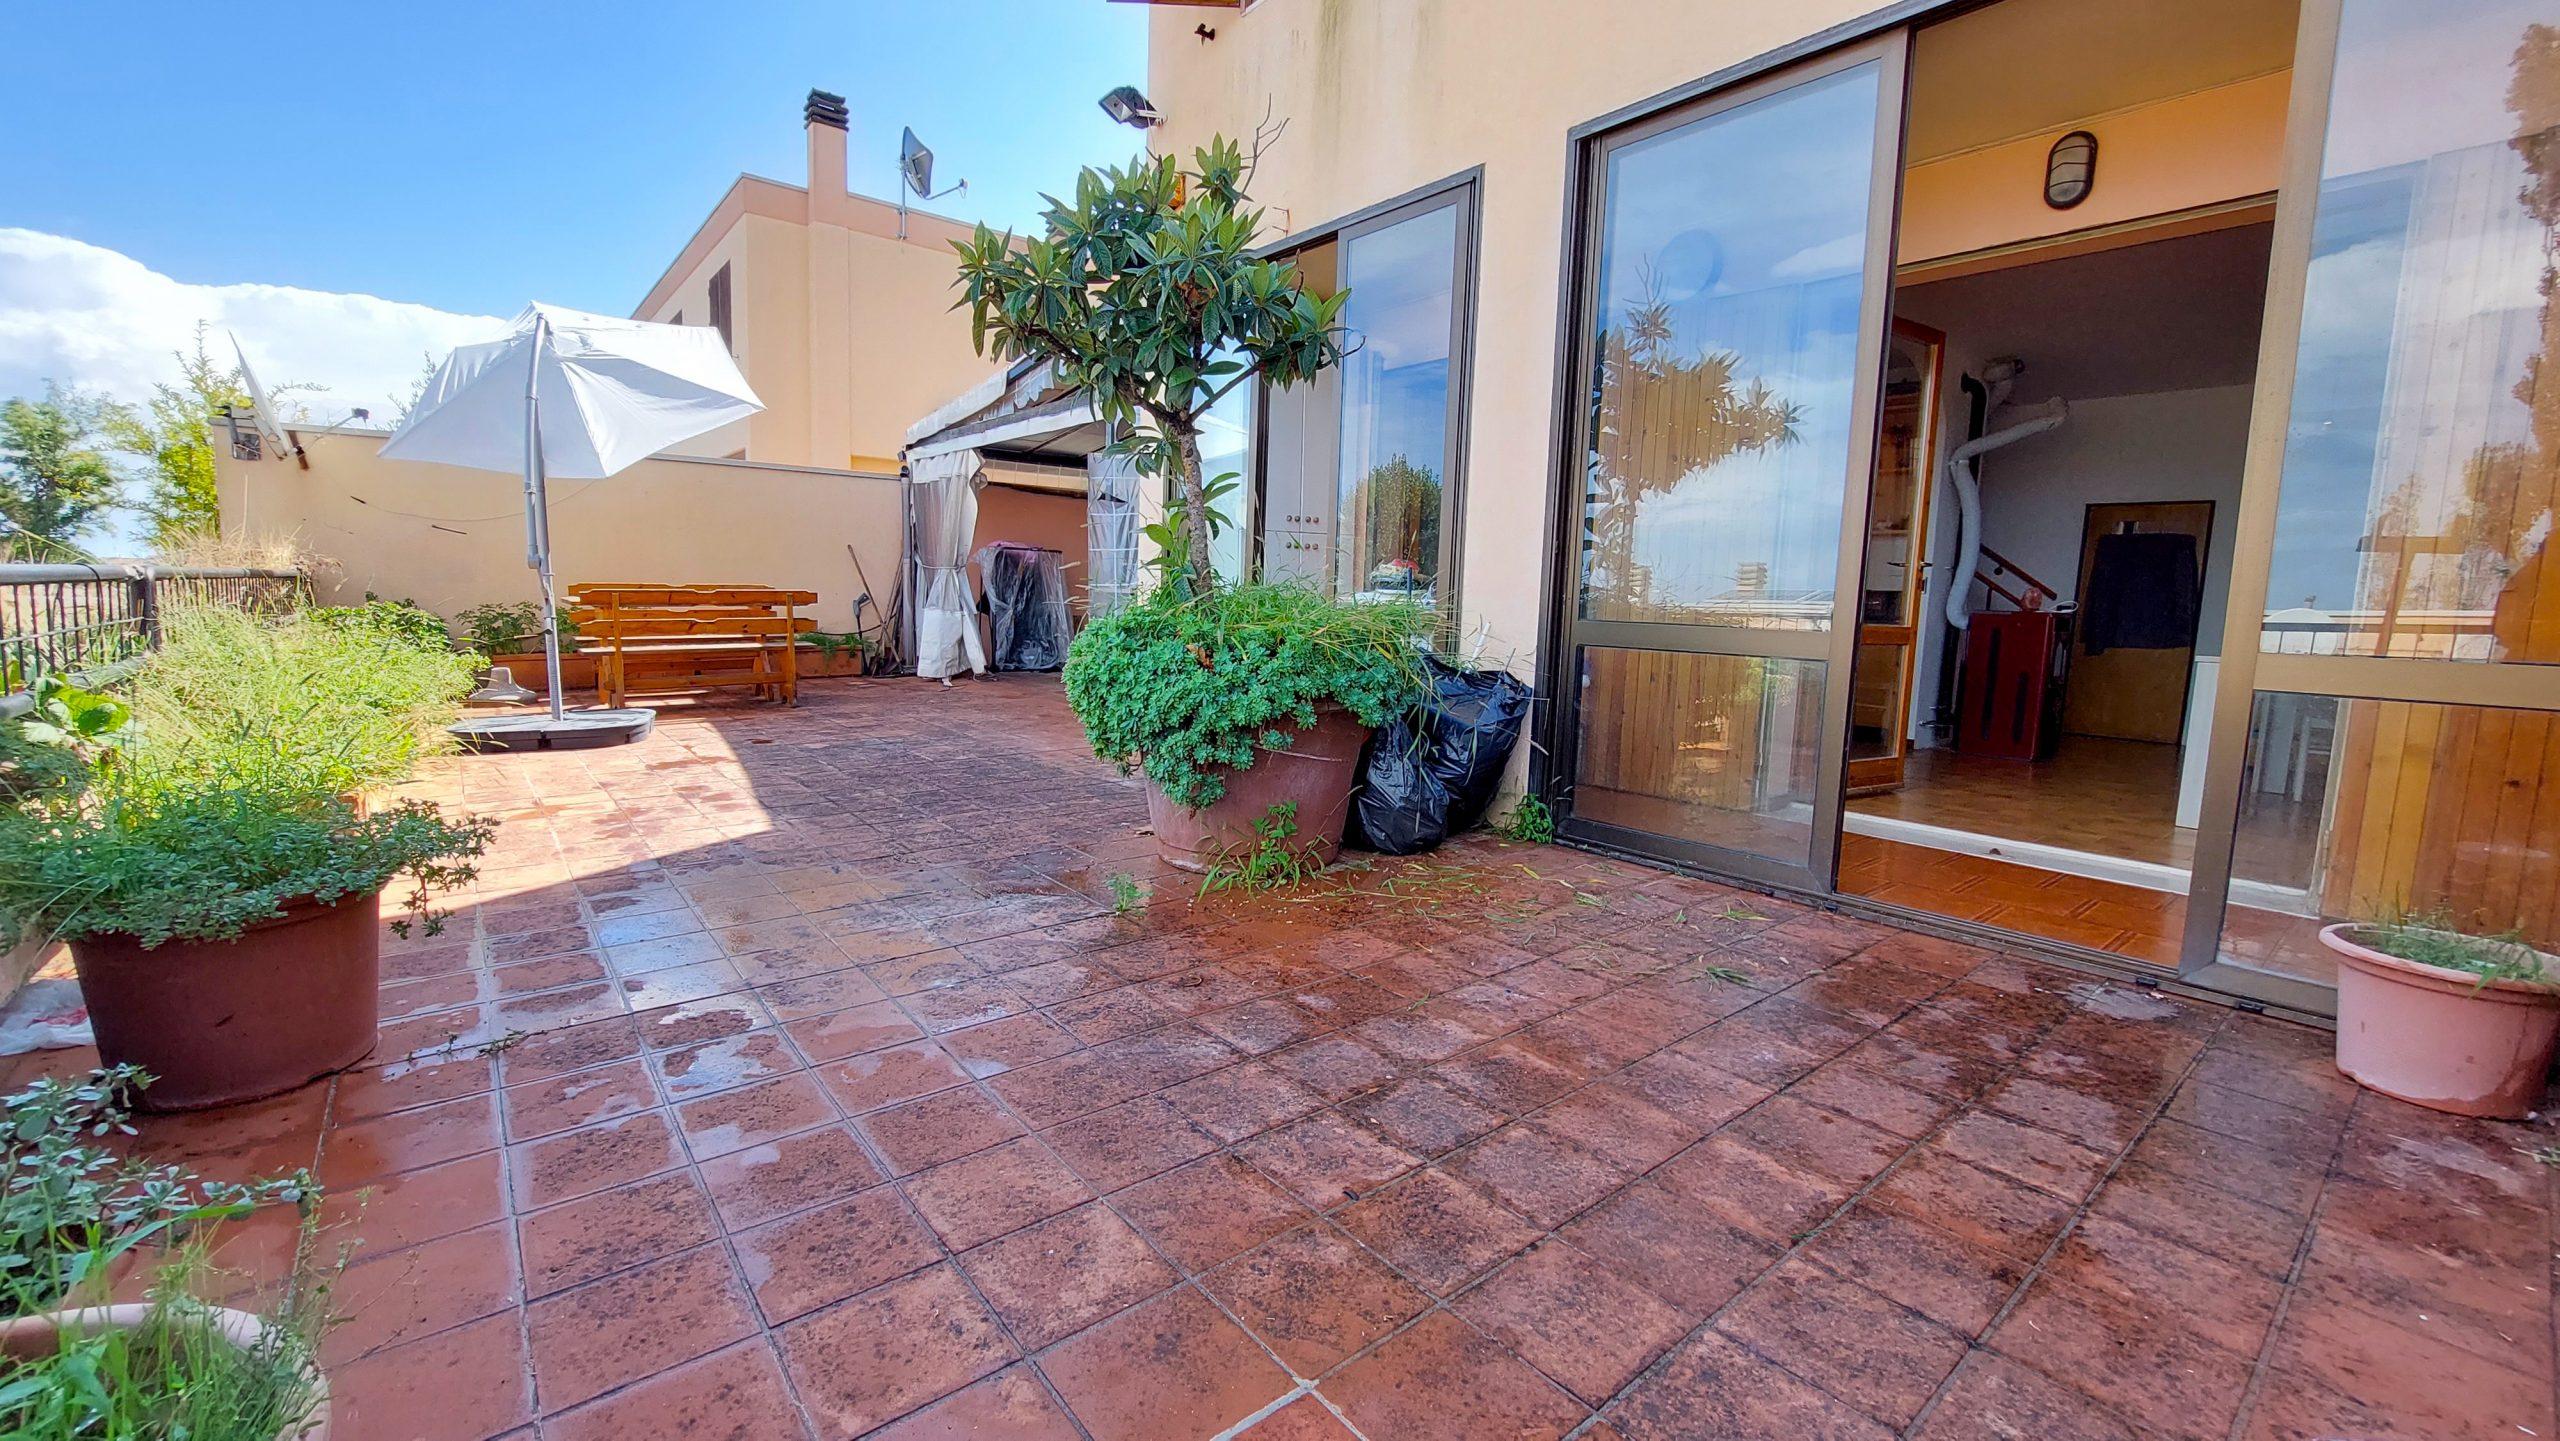 RICCIONE COLLE DEI PINI, Villa a schiera 3 camere con posto auto doppio